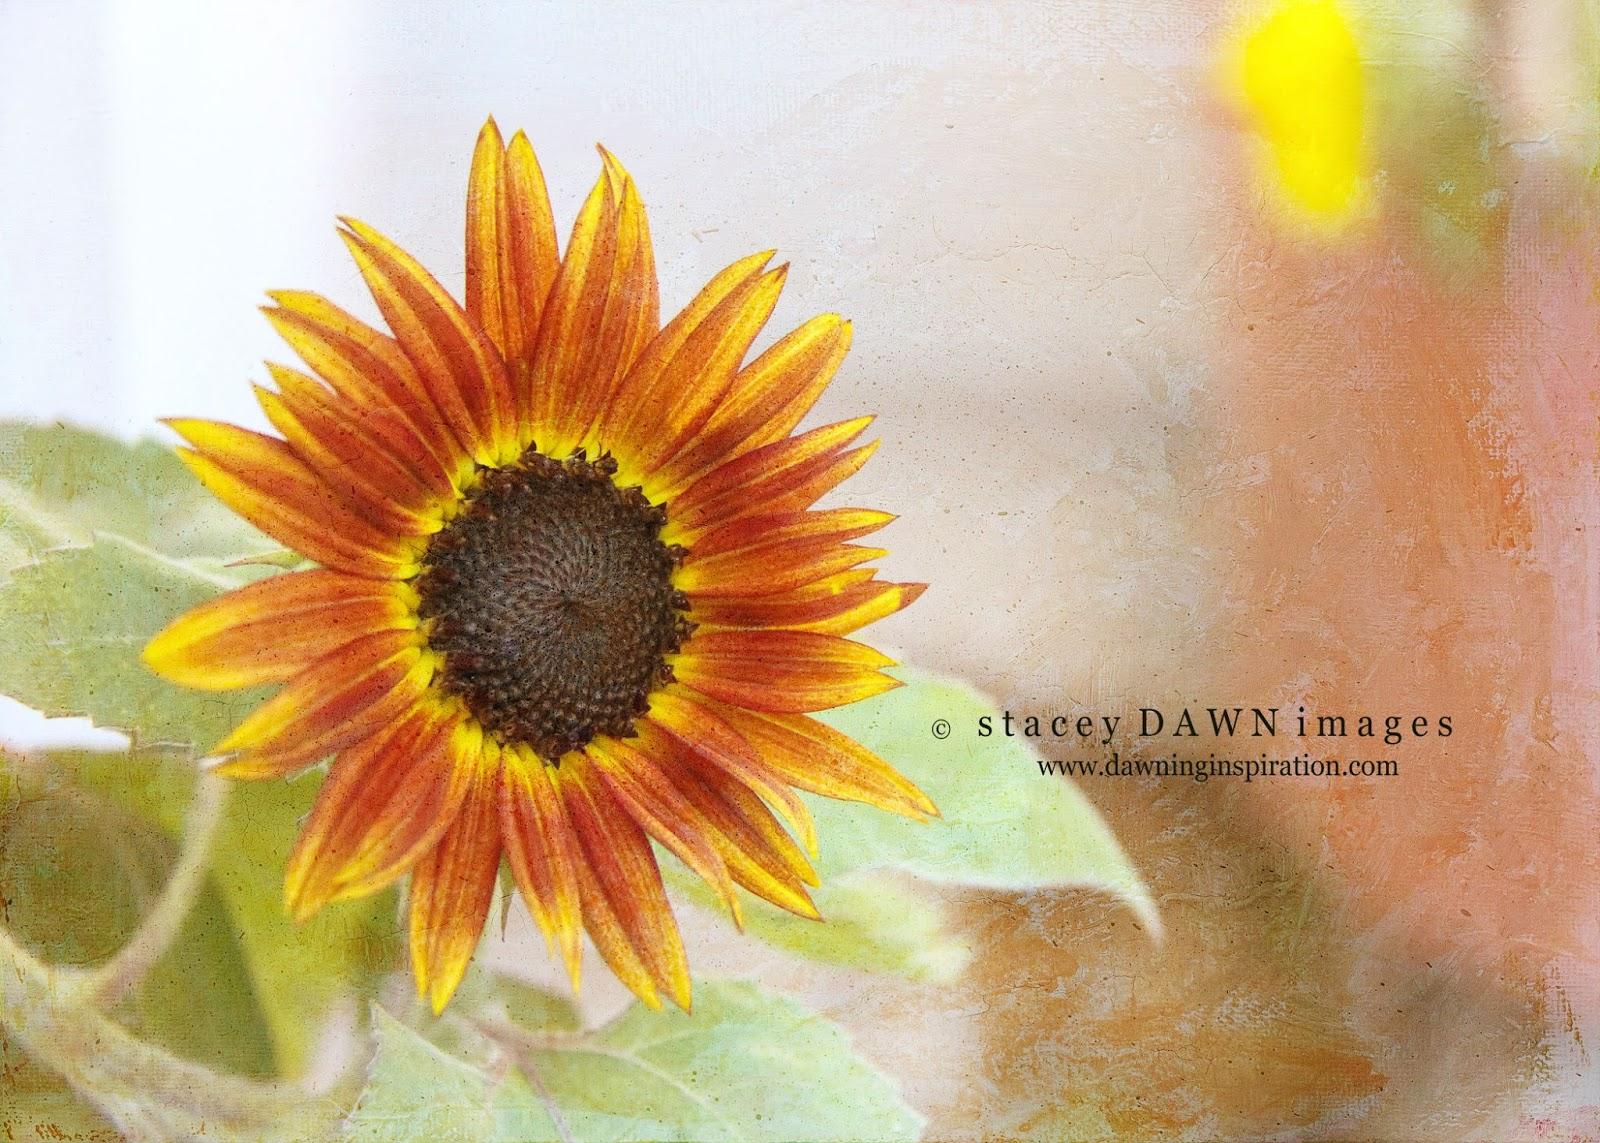 copyright Dawning Inspiration.com